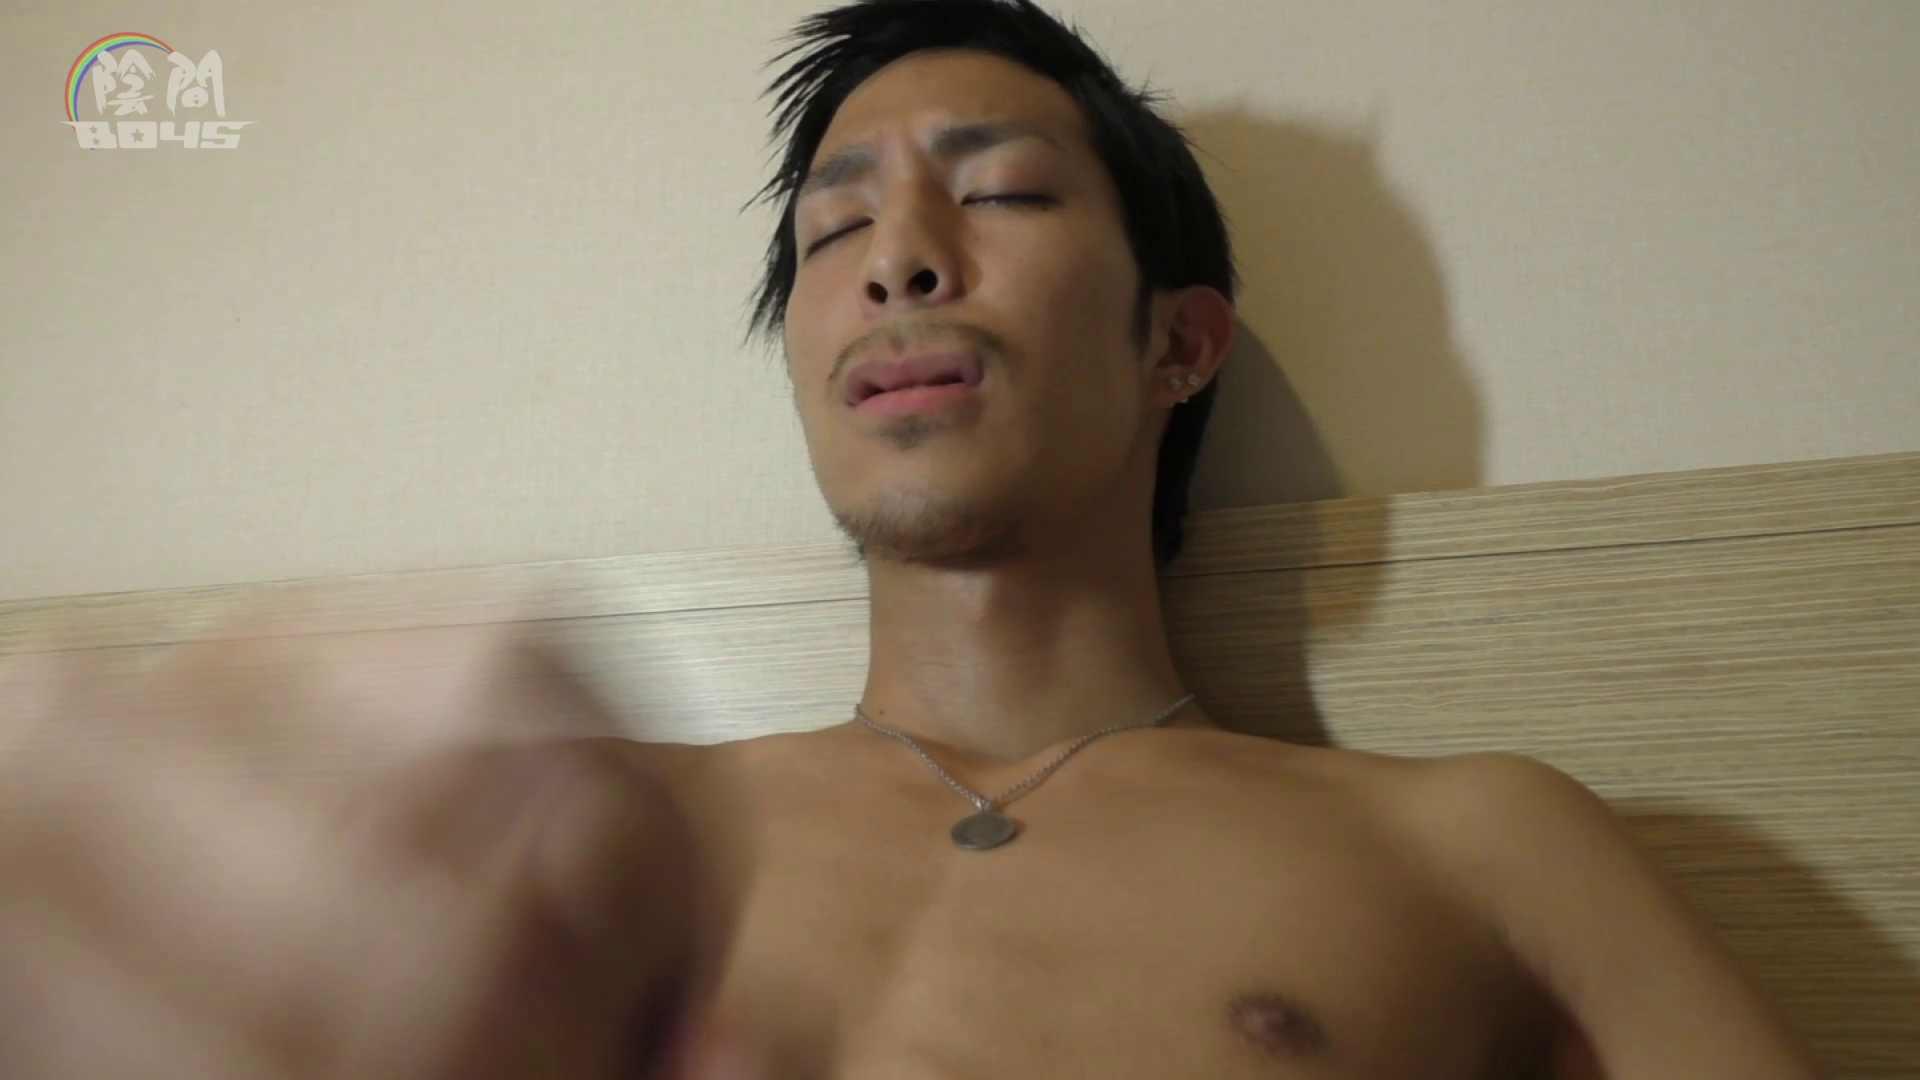 陰間BOYS~「アナルだけは許して…3」~01 ハメ撮り動画 ゲイエロビデオ画像 66pic 54